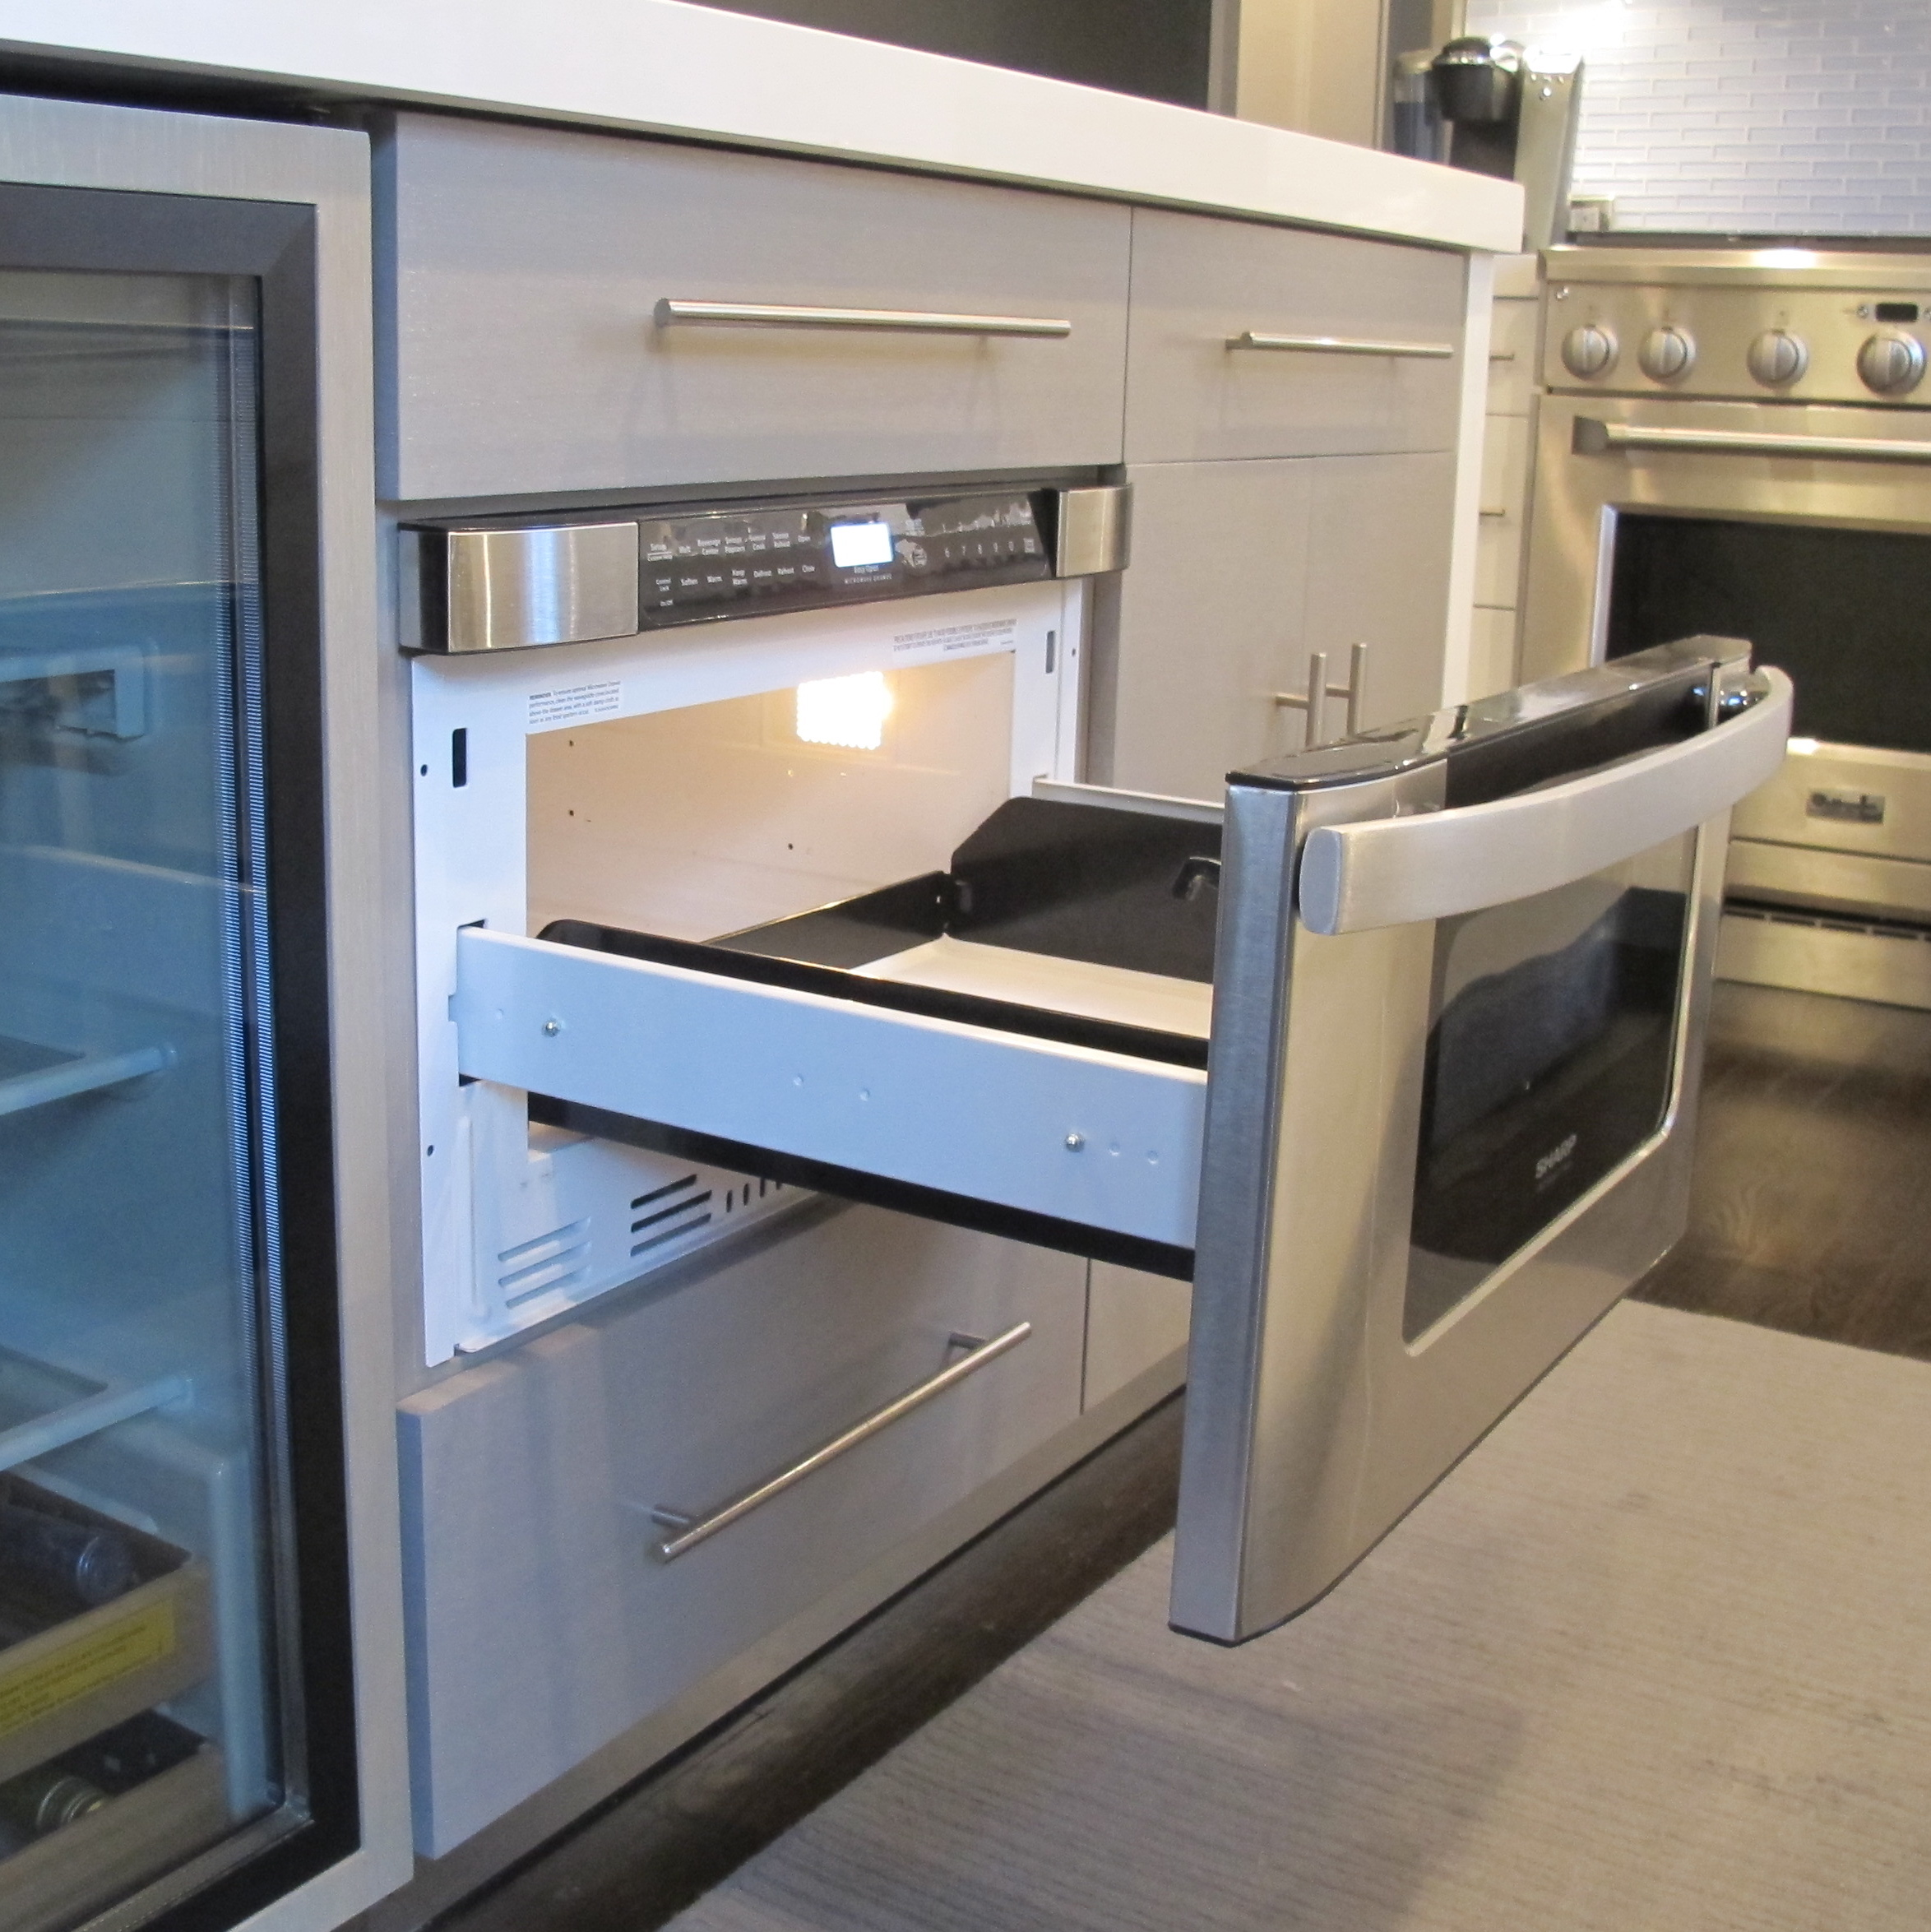 kitchen - Sharp Drawer Microwave